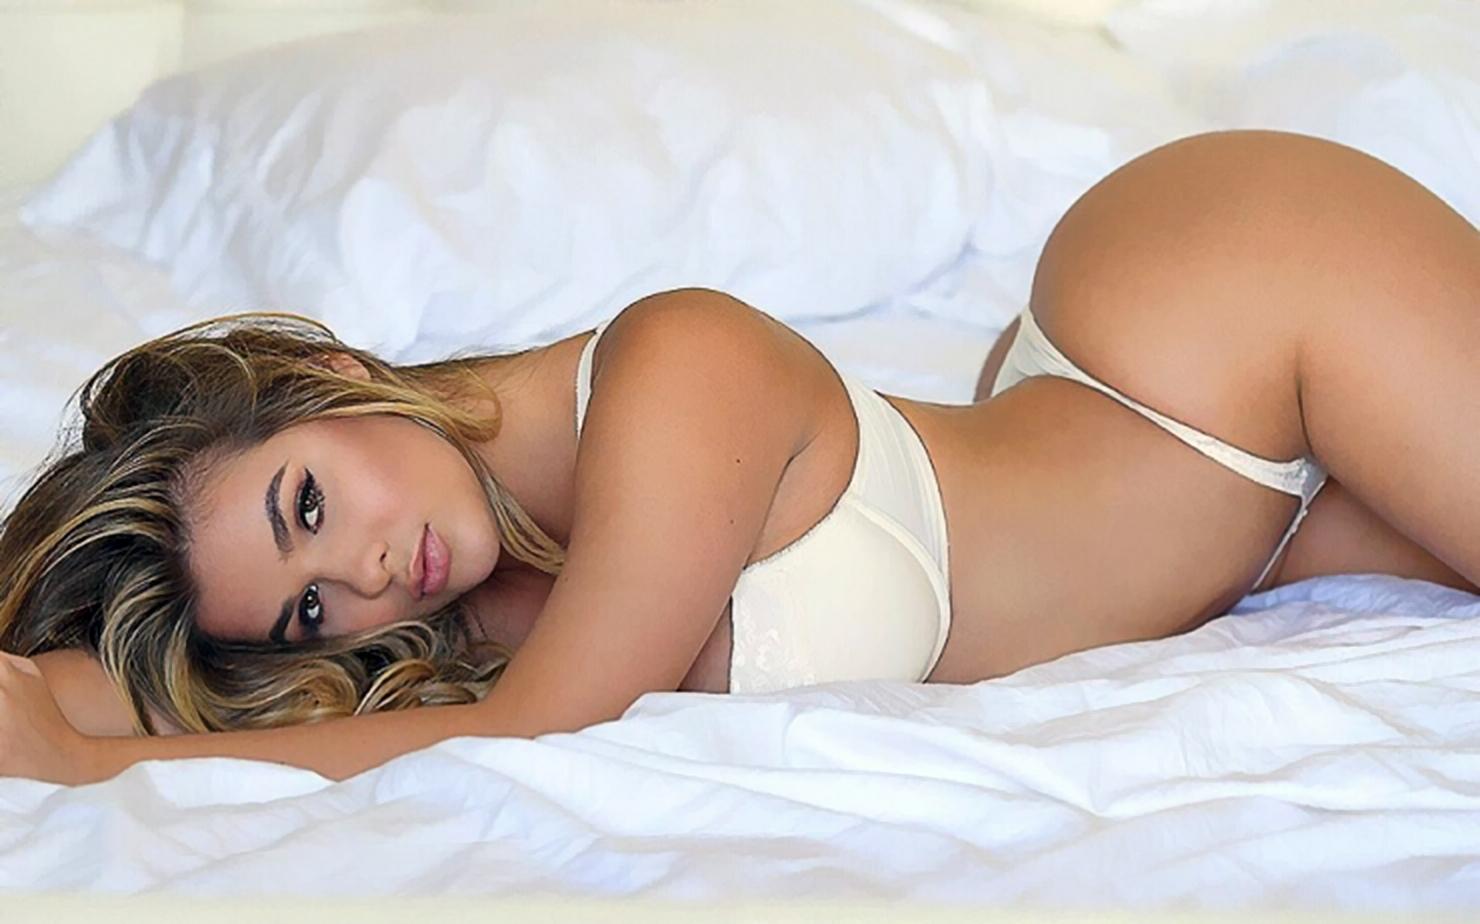 Секс с девушки с шикарными формами, Порно красотки - очень красивые девушки 8 фотография